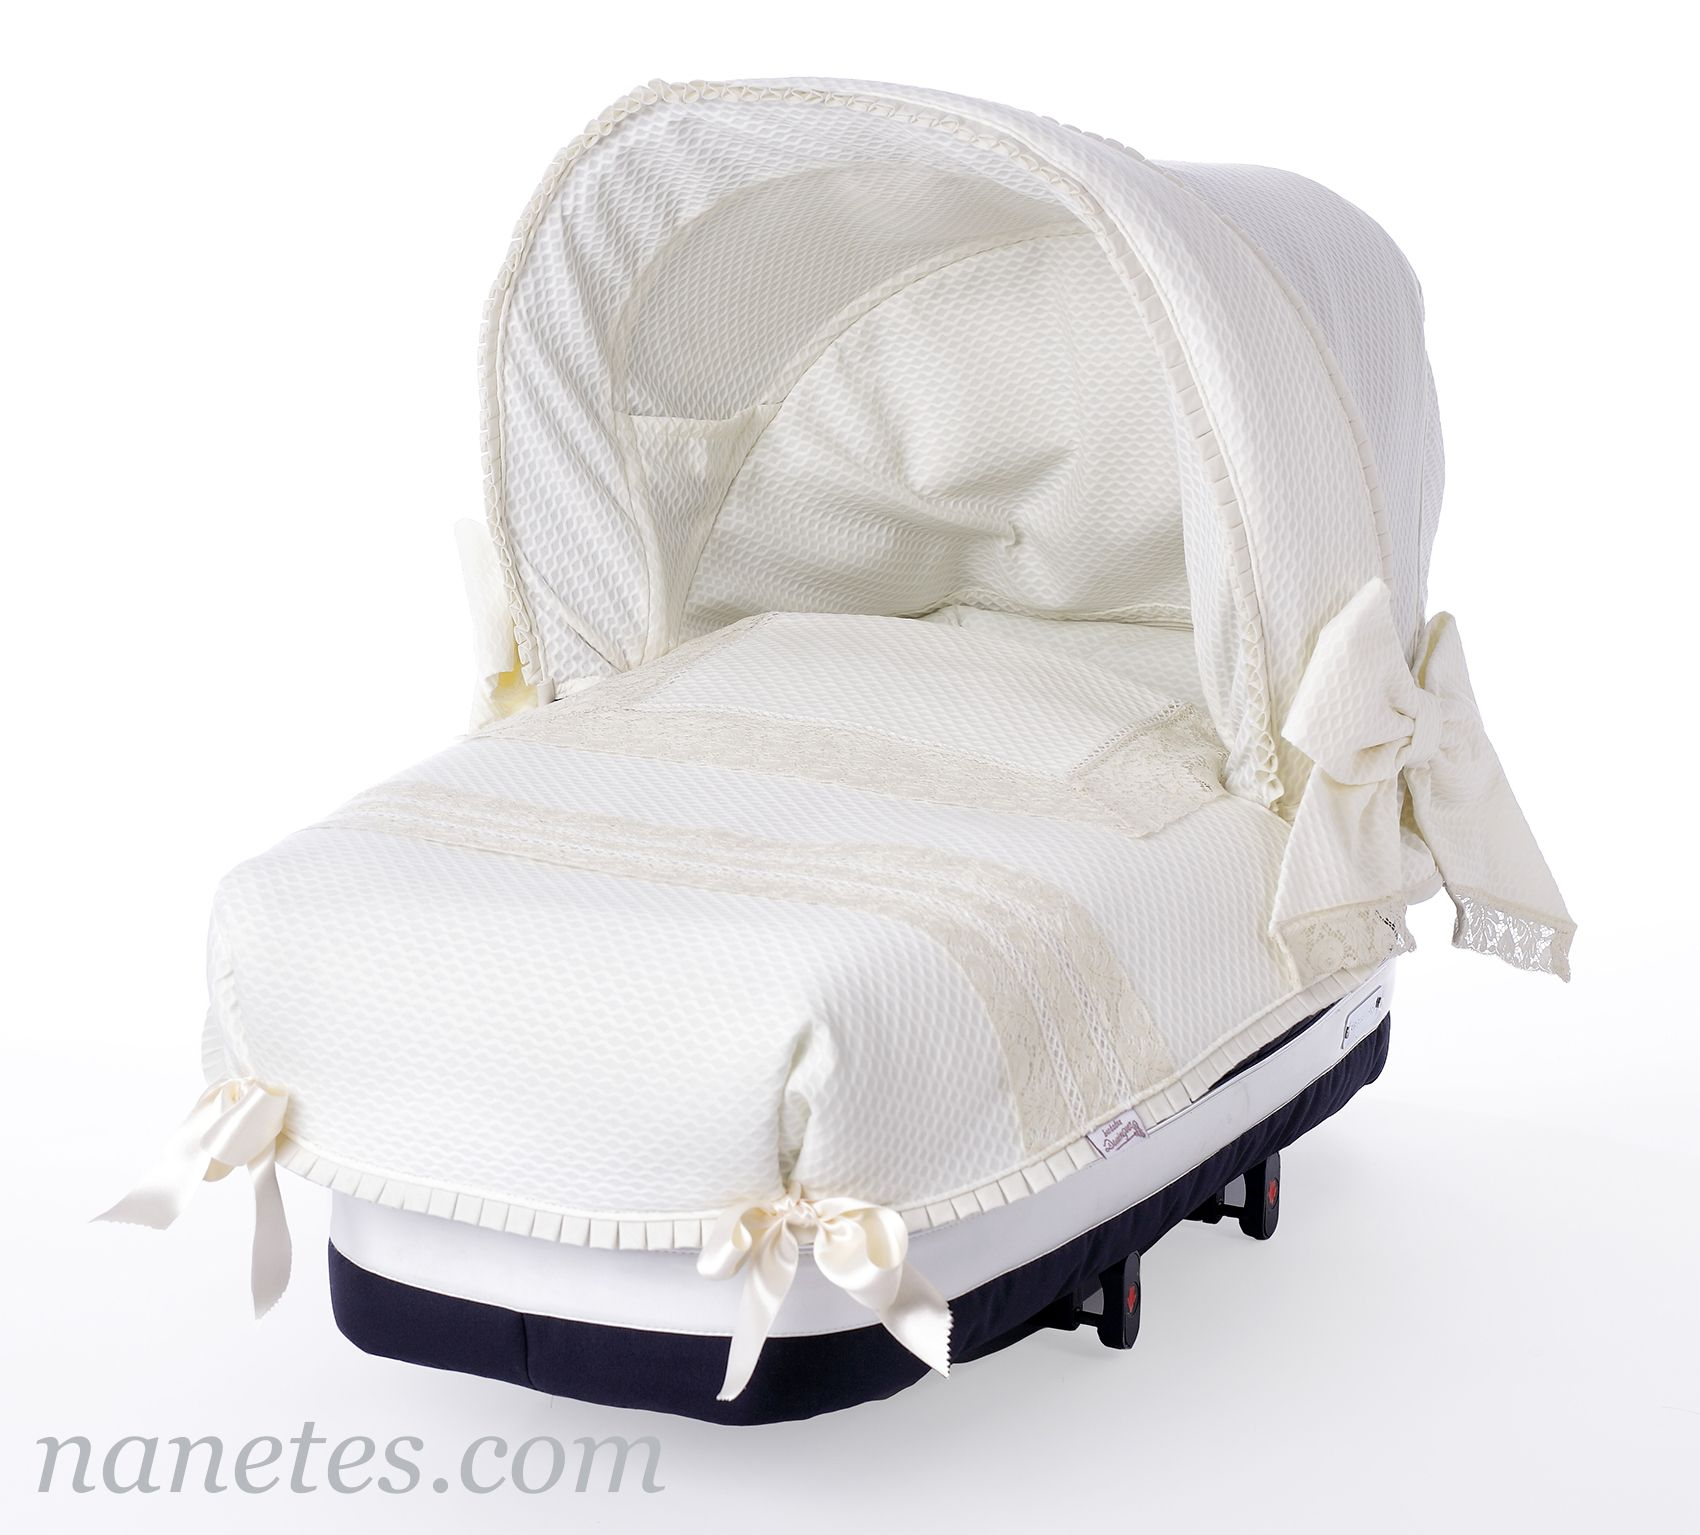 Quieres vestir el carro de tu bebé a medida? En Nanetes